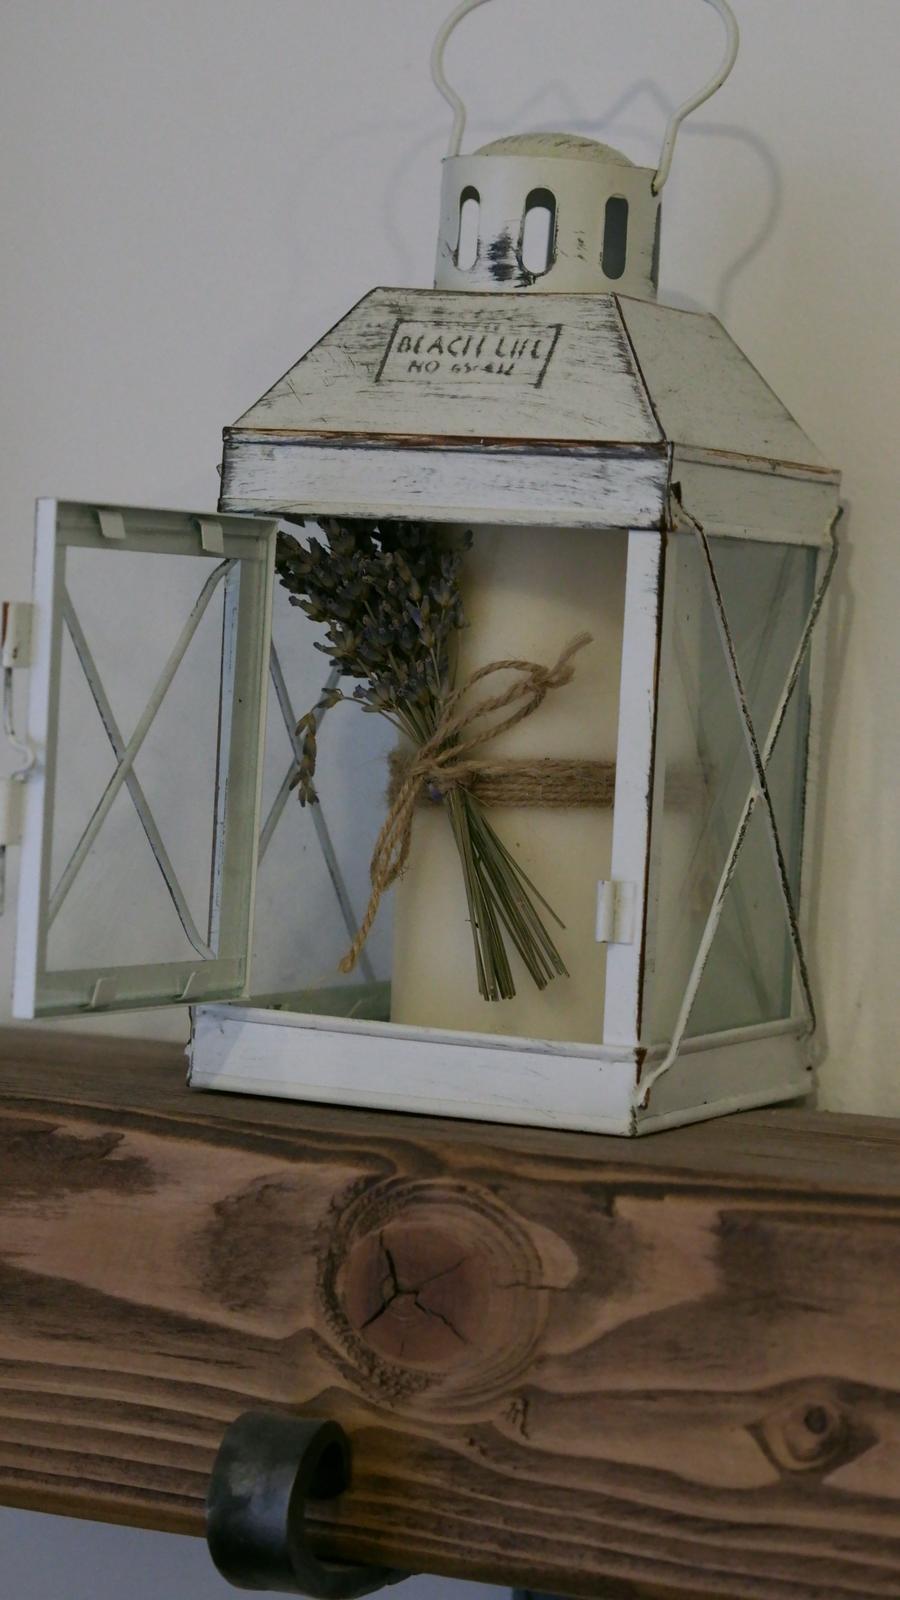 Náš domček ♡ Bramasole ♡ ... Stilo interiér aj exteriér 3. rok bývania - Obrázok č. 15